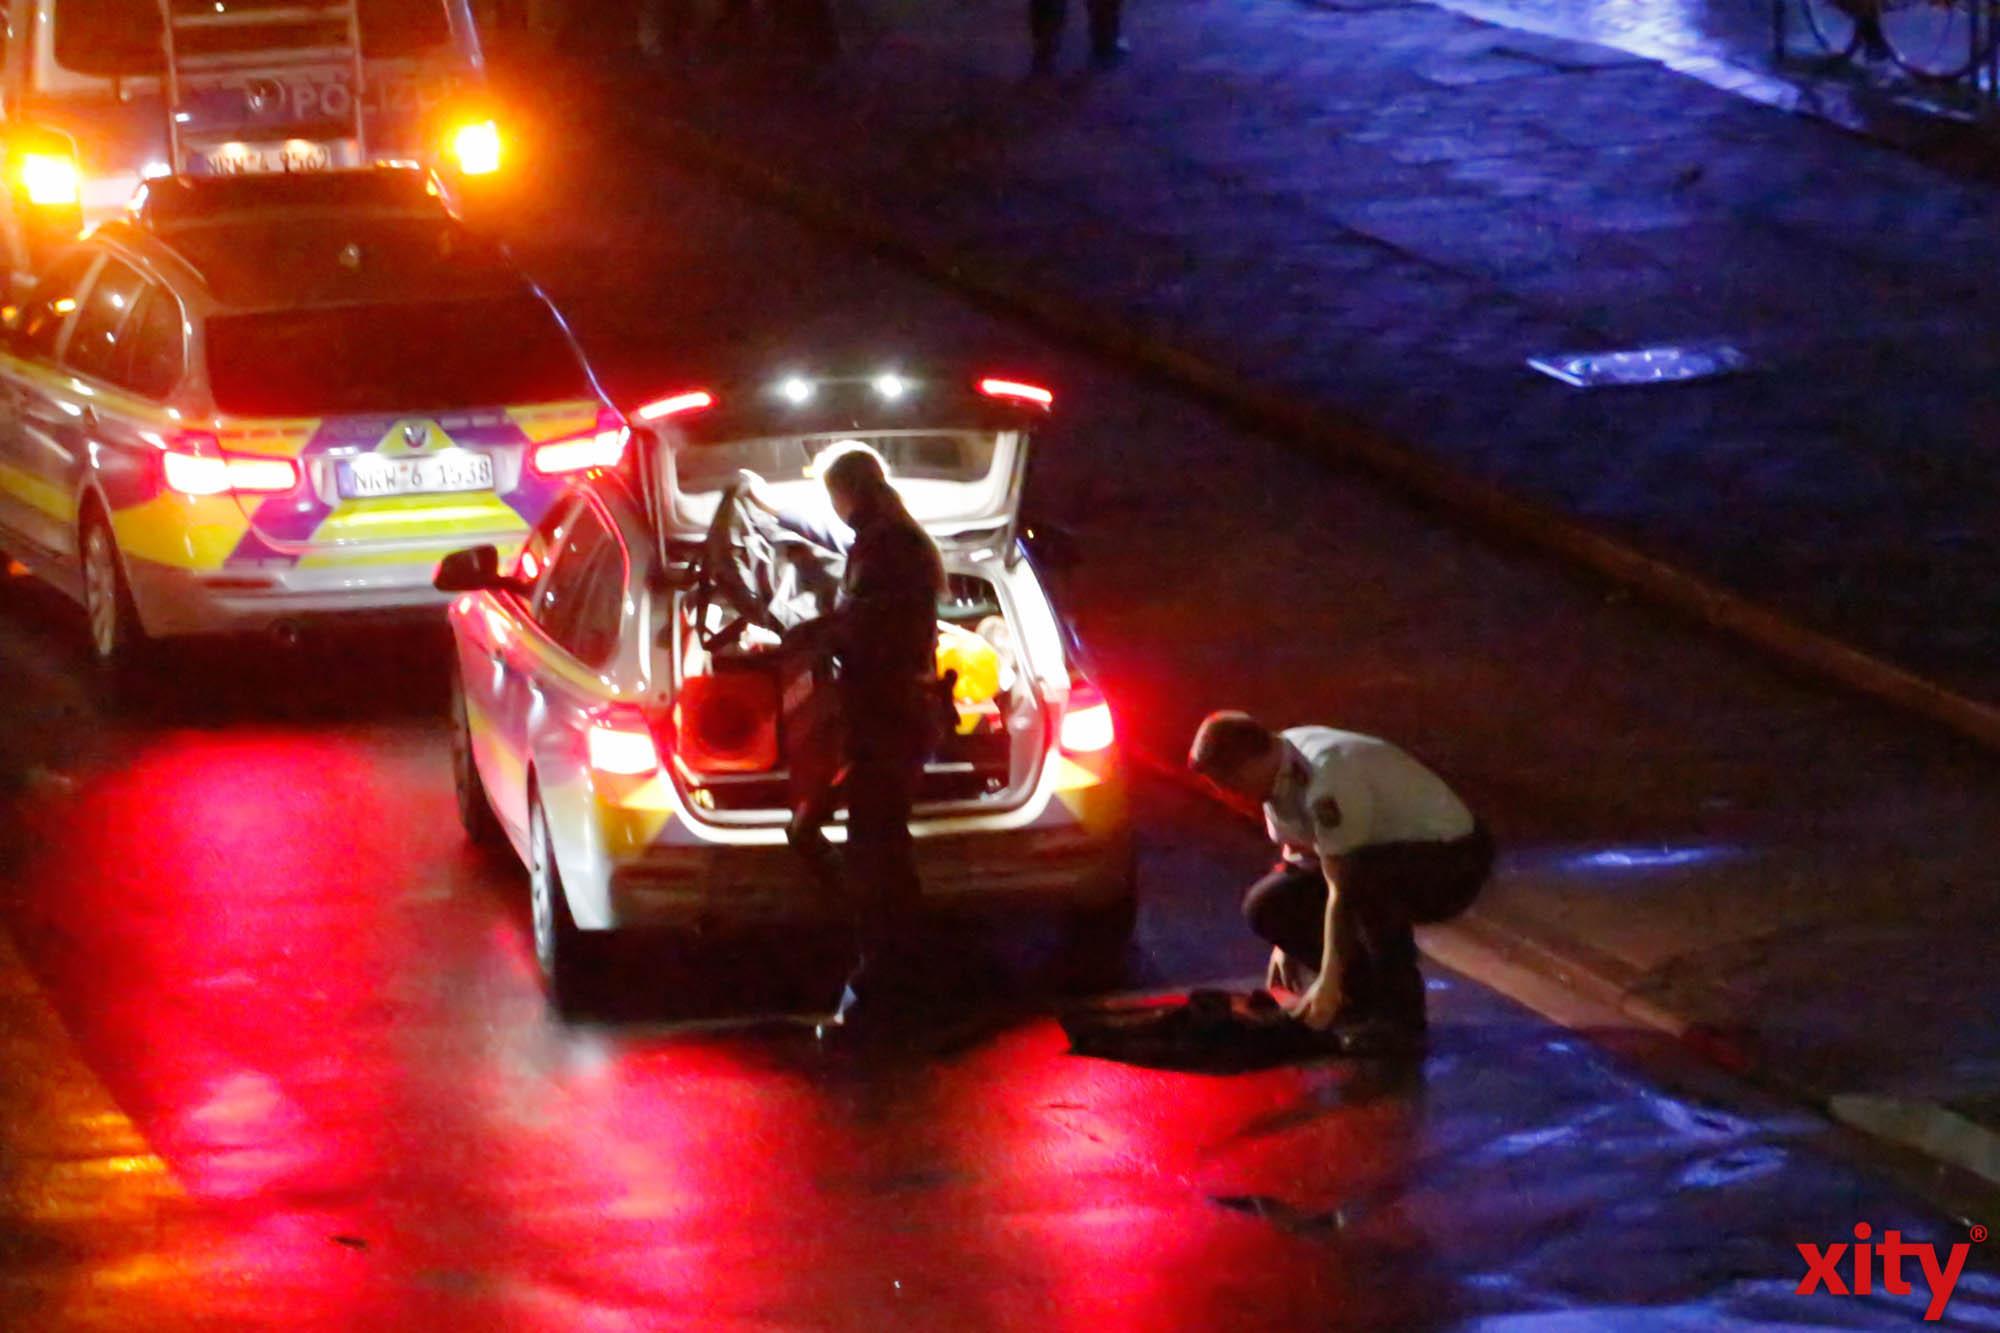 Die Polizei schützte sich selbst (Foto: xity)